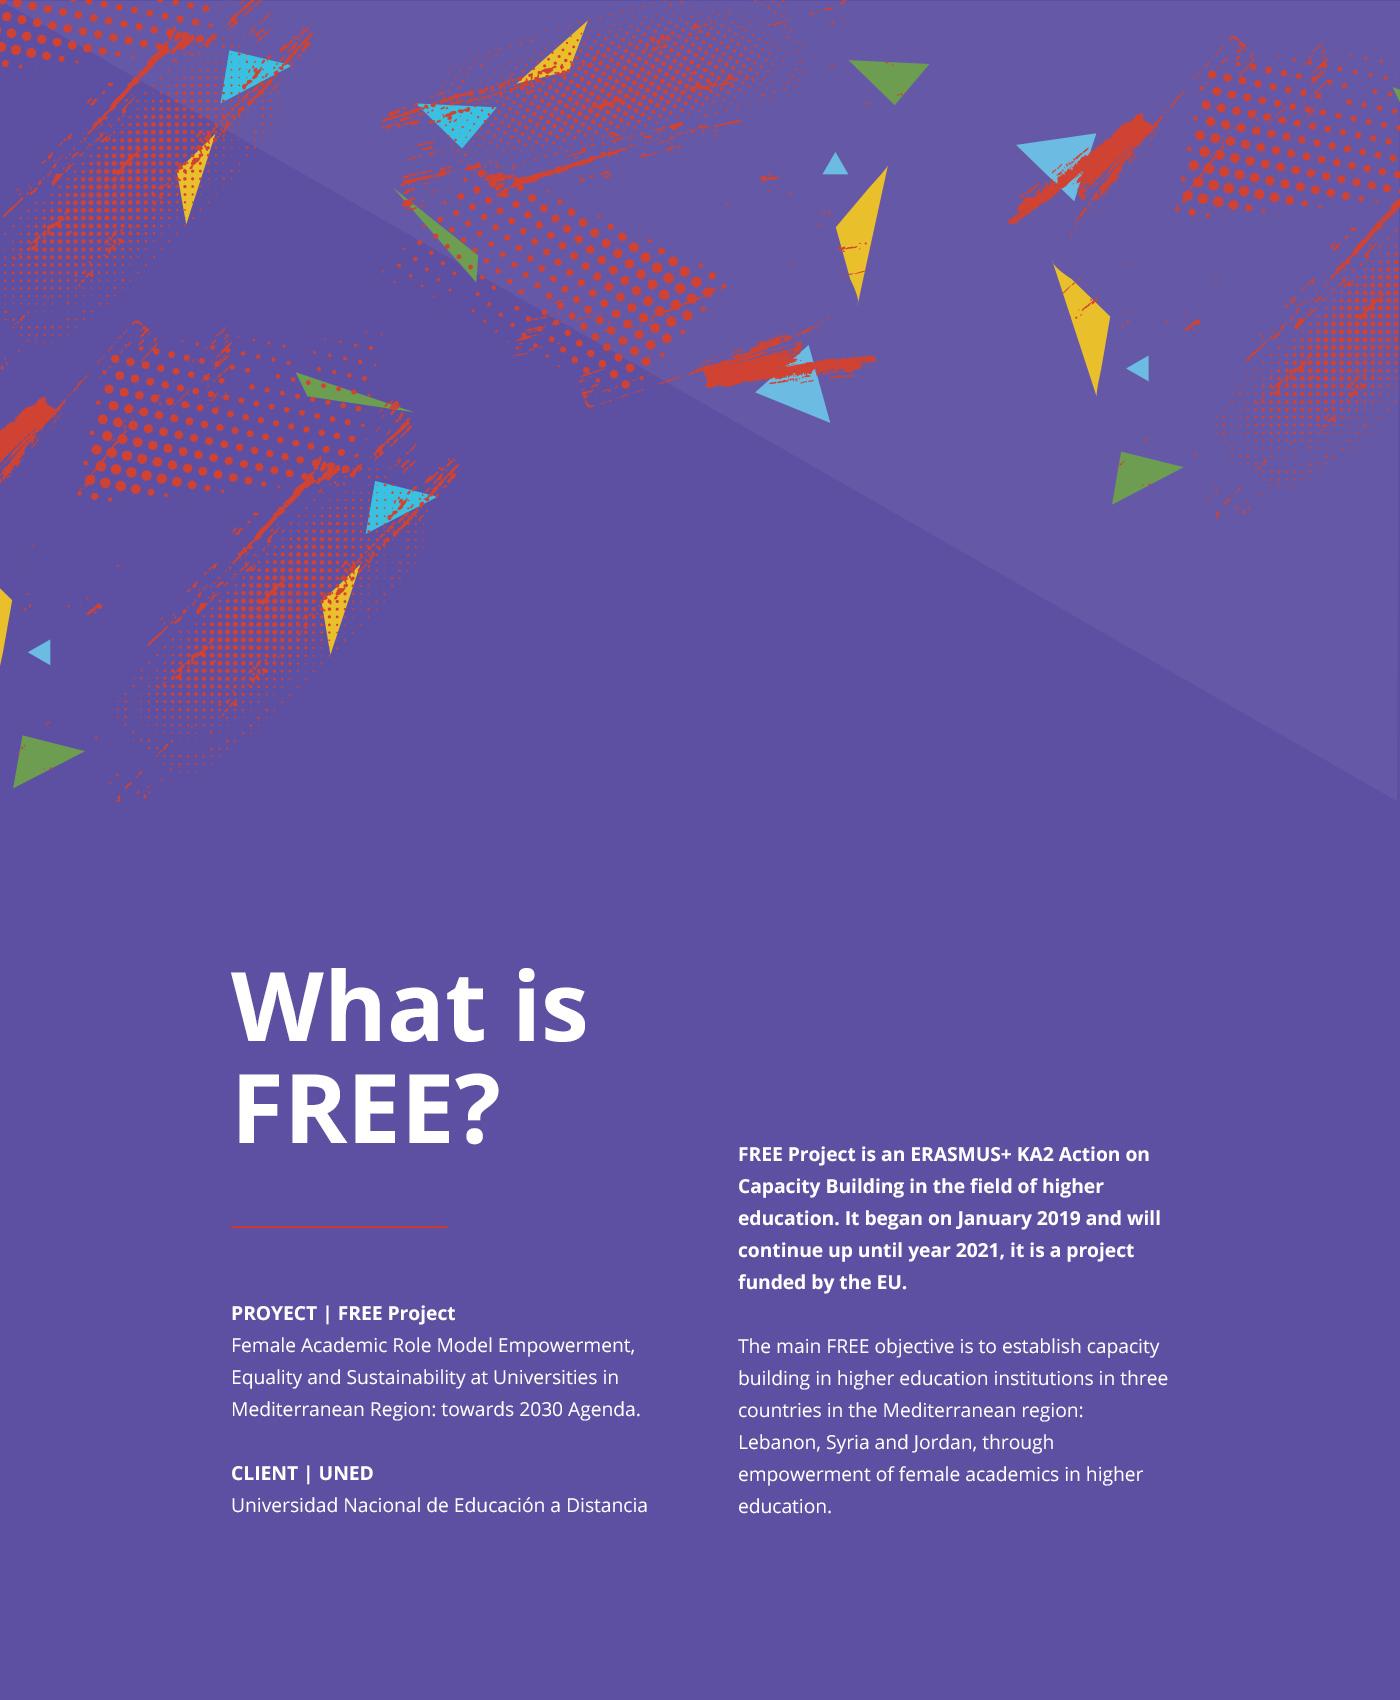 diseño implementation Gender Culture sensibilisation empower promoted free